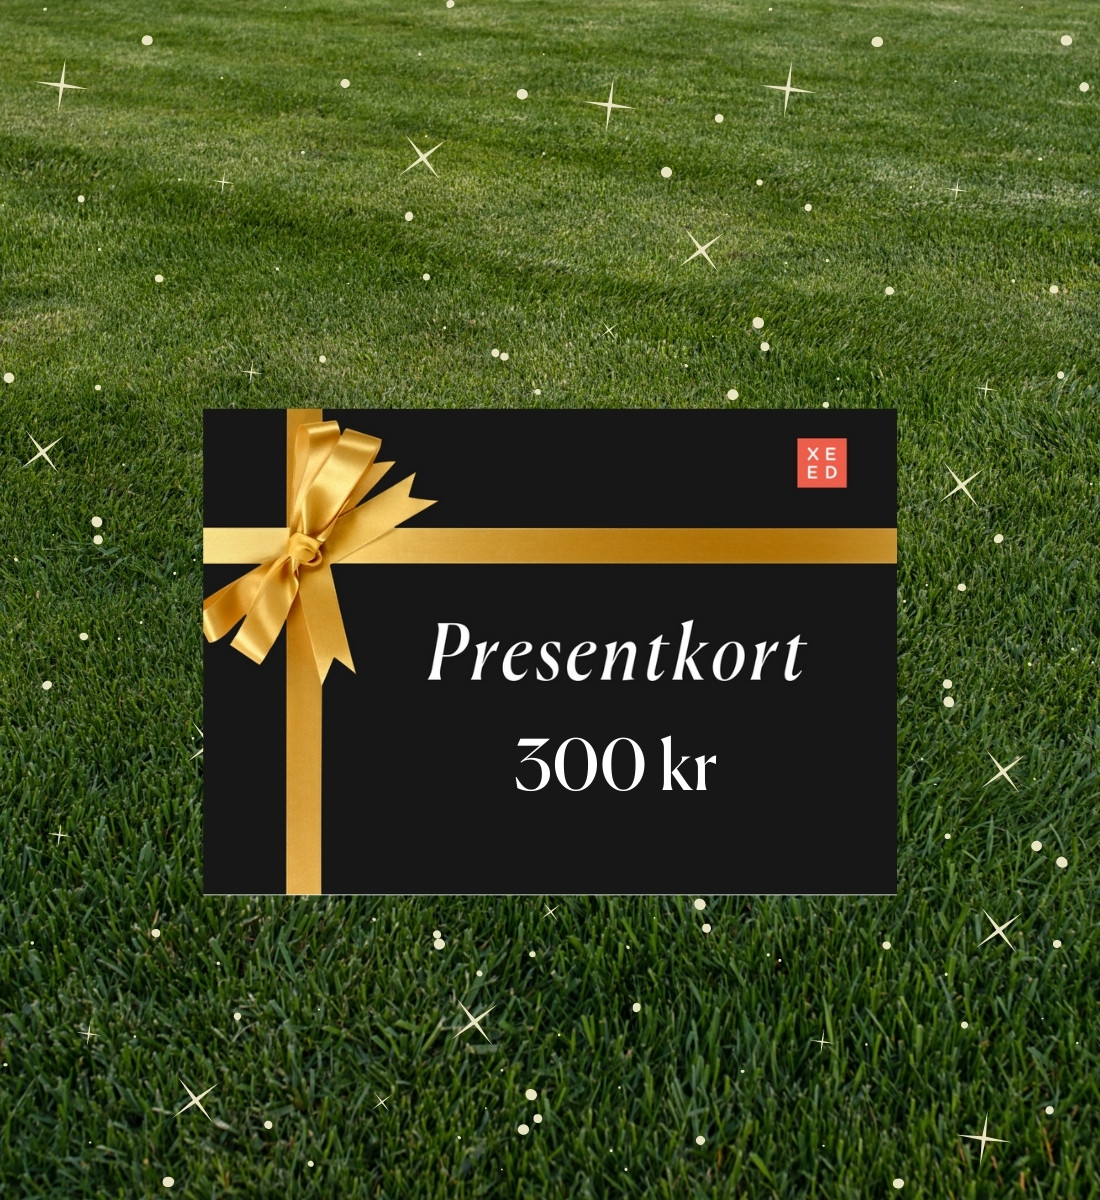 Presentkort för gräsfrön & gödsel på Xeed